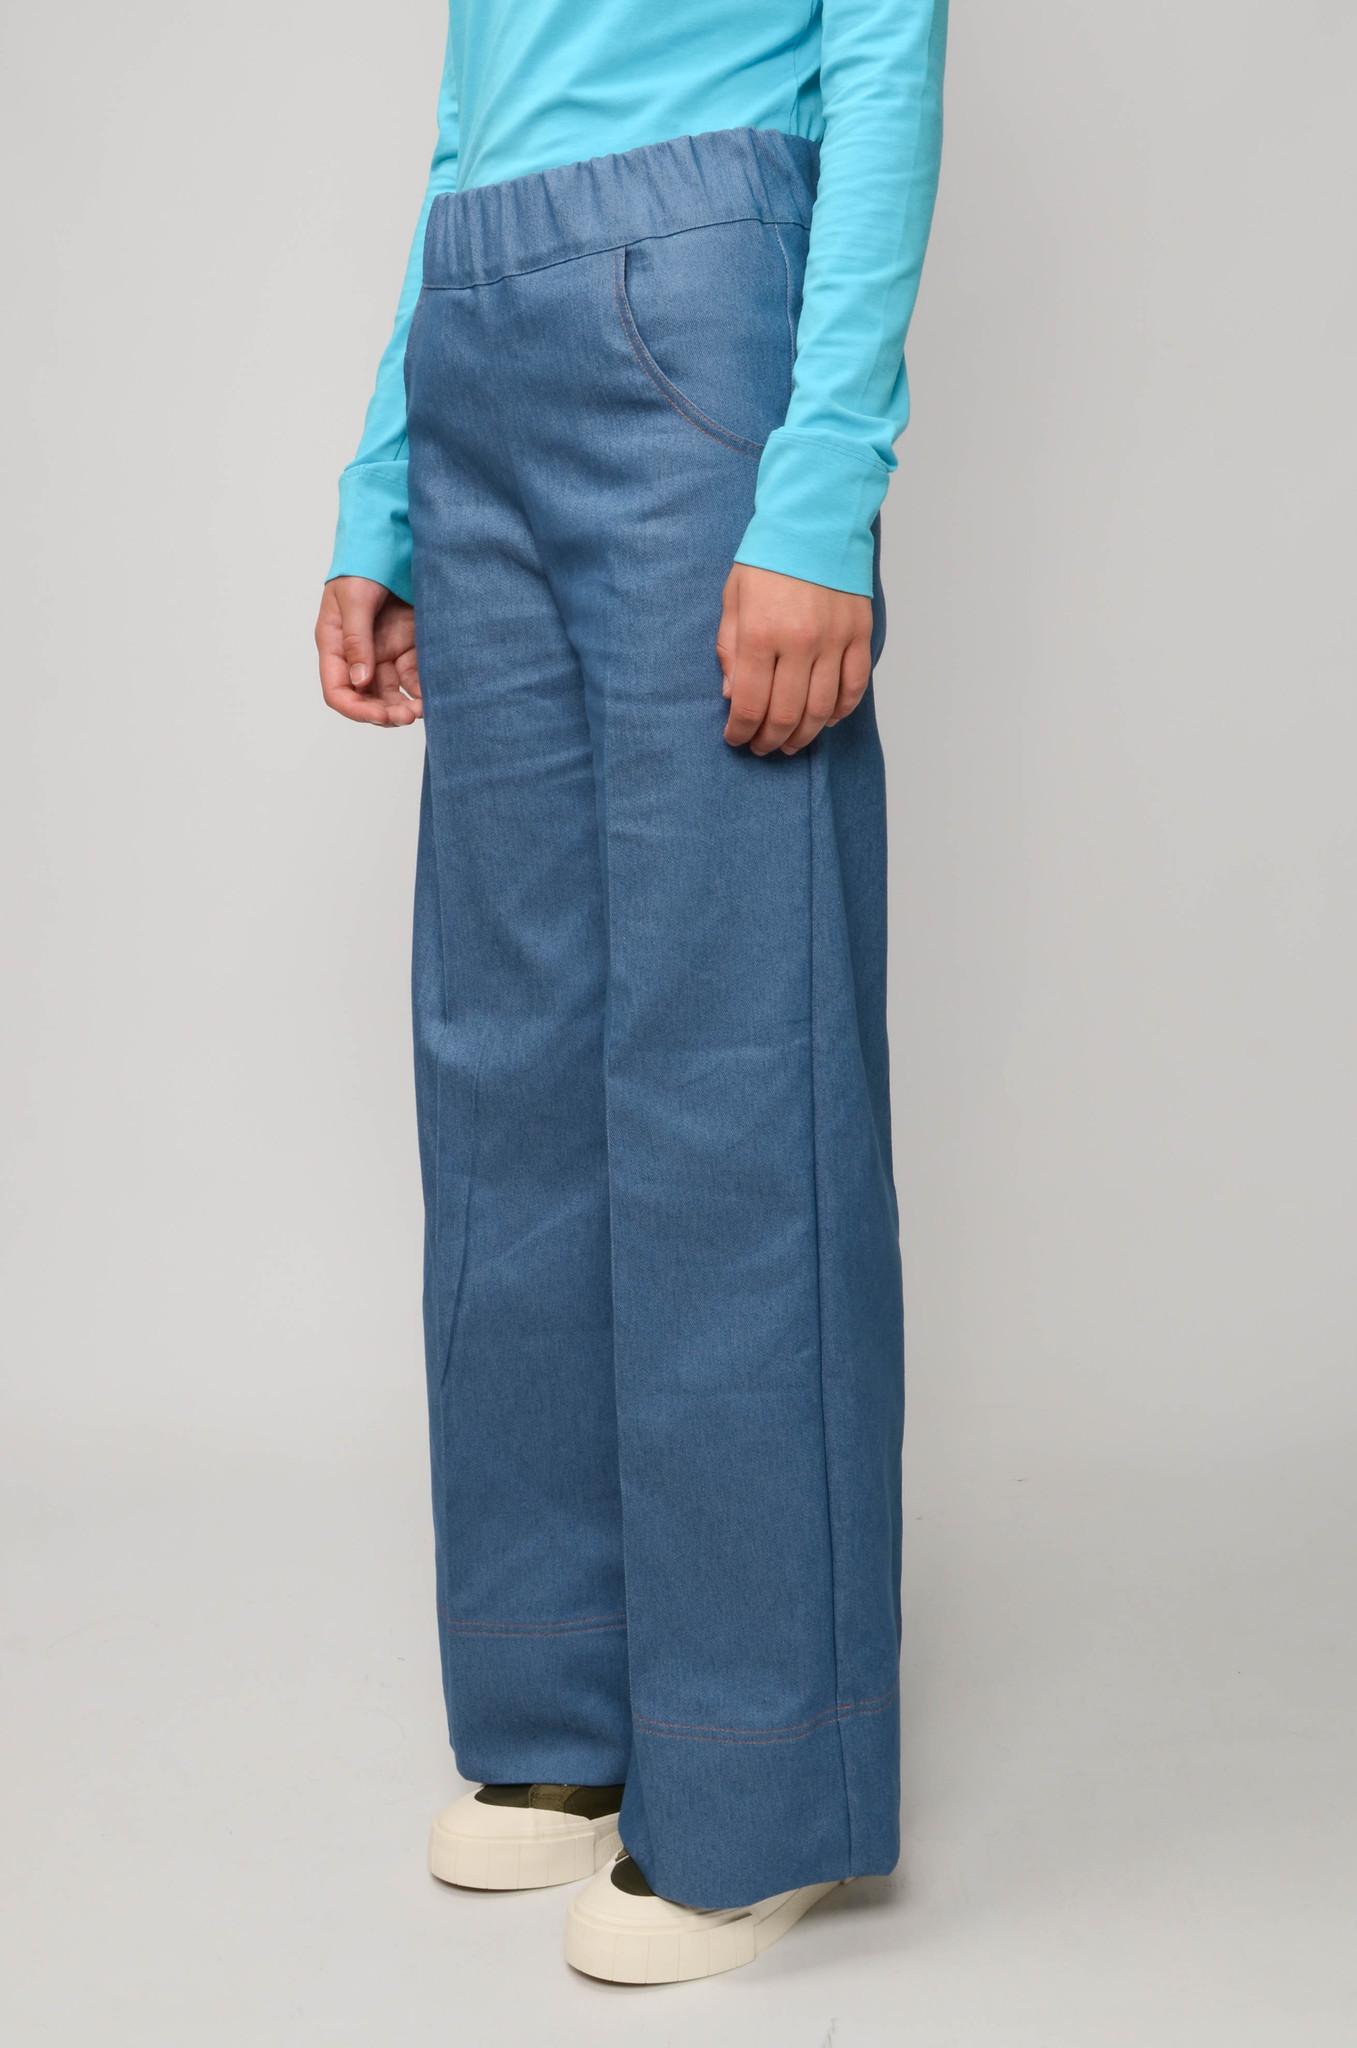 WOODY PANTS BLUE DENIM UNI-3